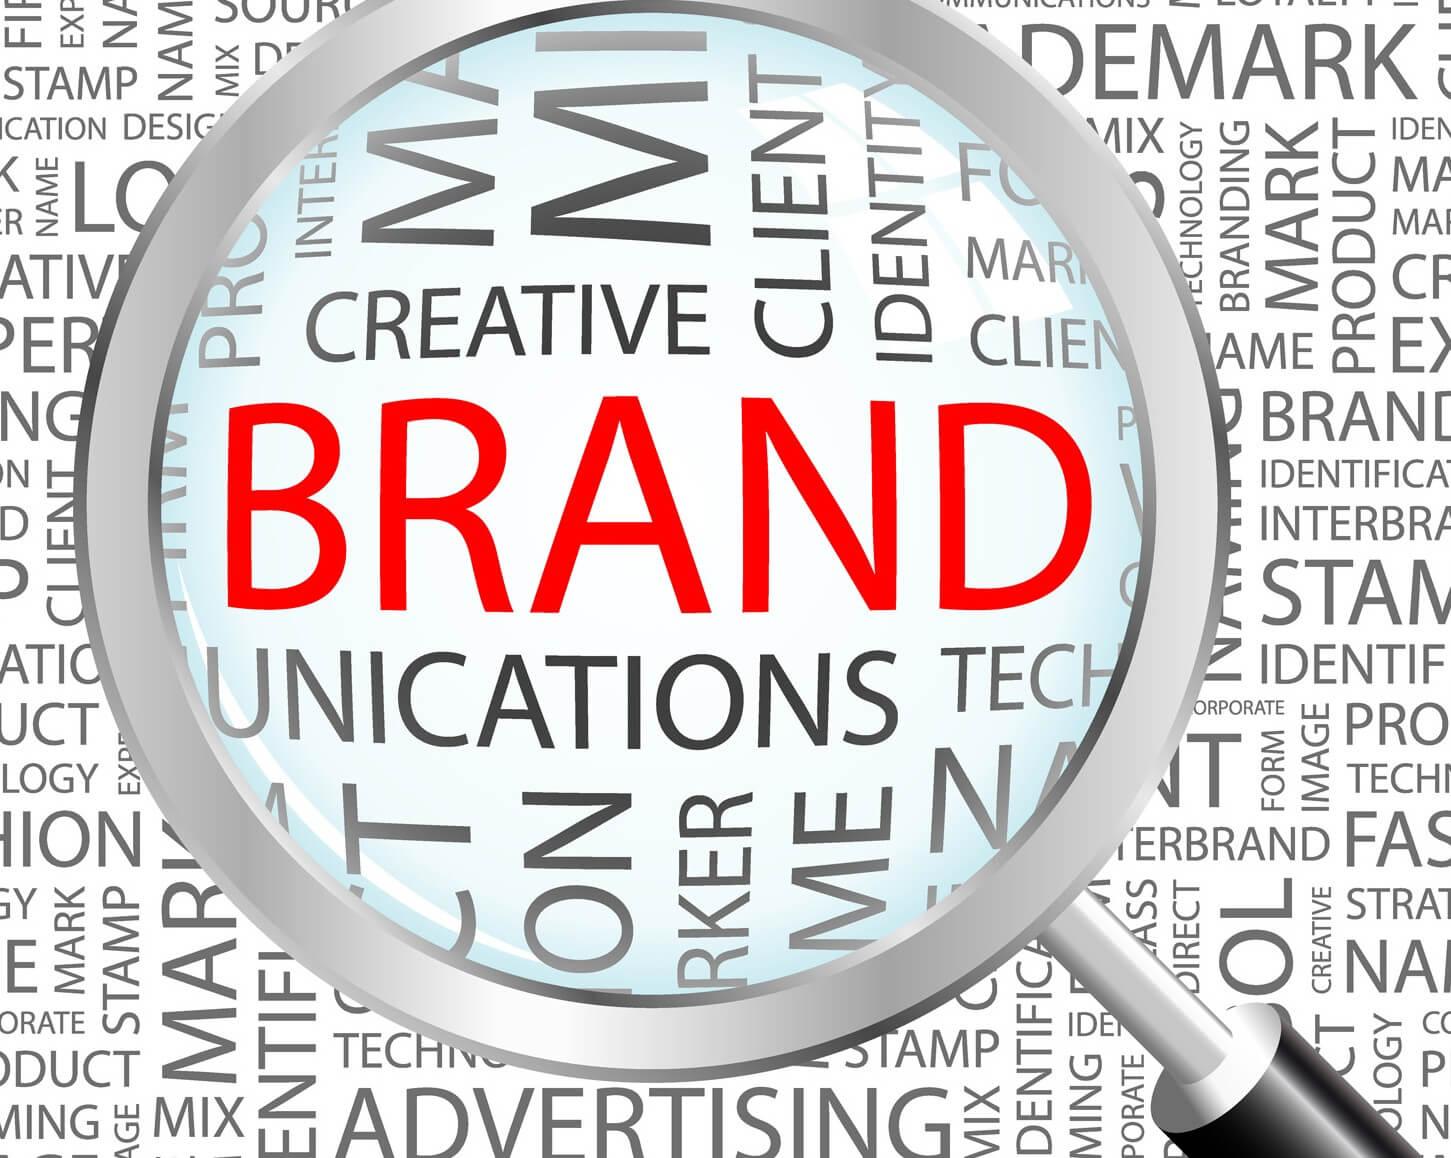 КРЕН В БРЕНД: маркетолог и бизнесмен Джон Горман, рассказал, как продумать бренд за небольшой срок